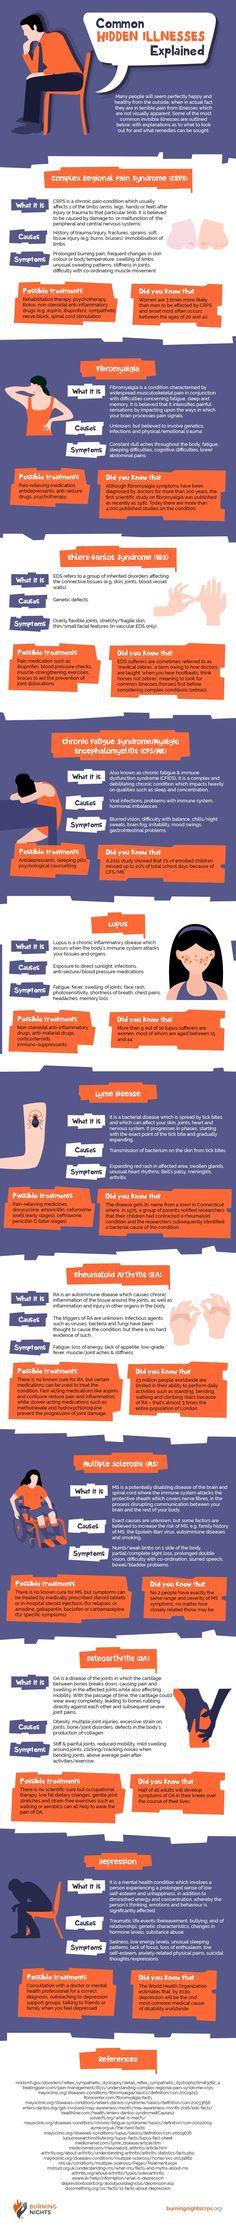 Common hidden illnesses